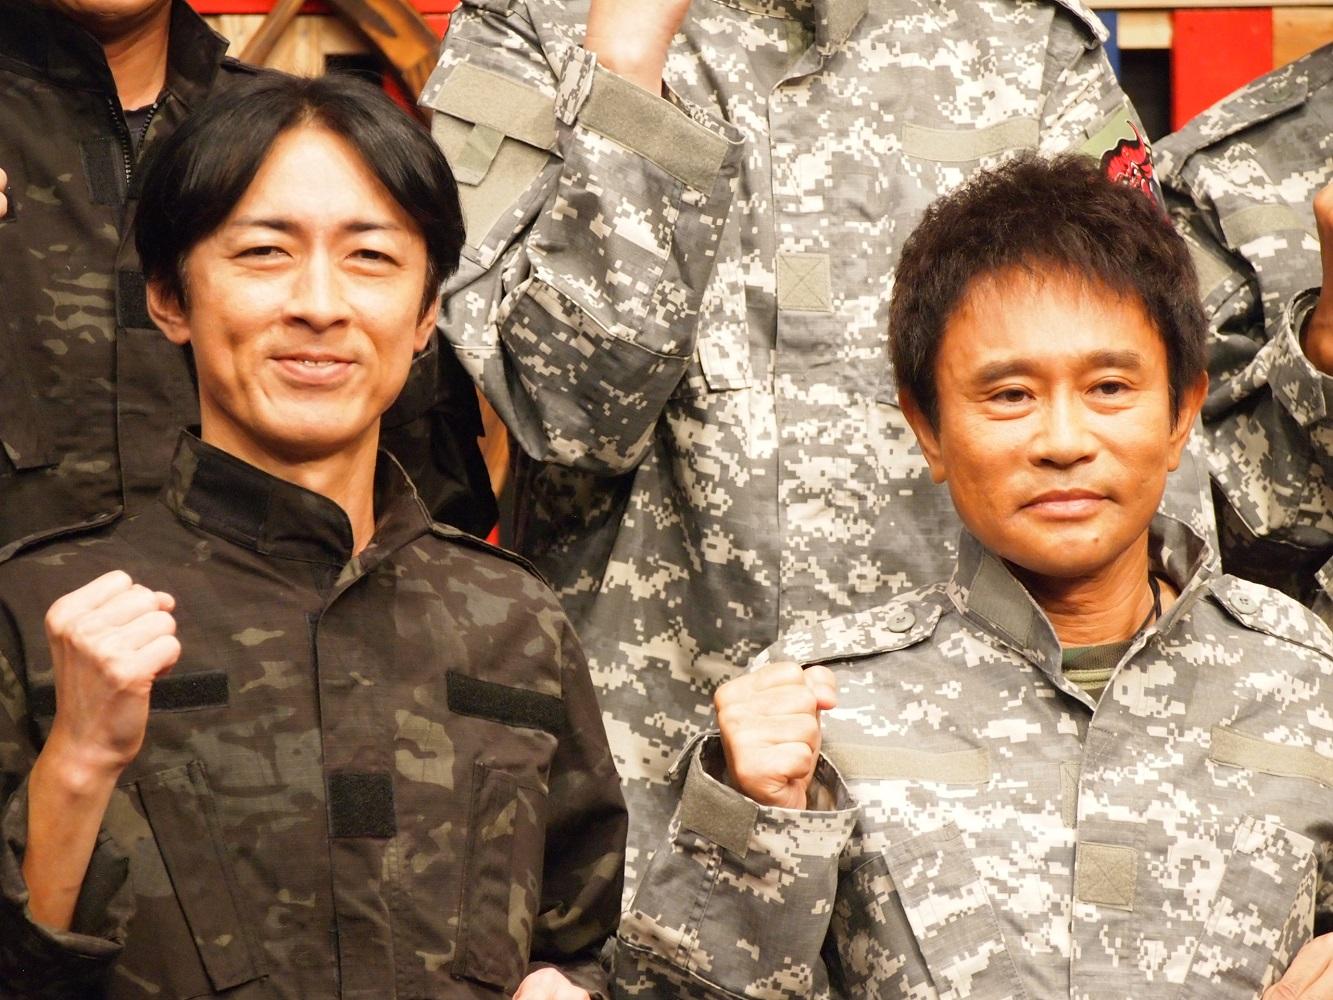 記者発表会に出席した矢部浩之と浜田雅功